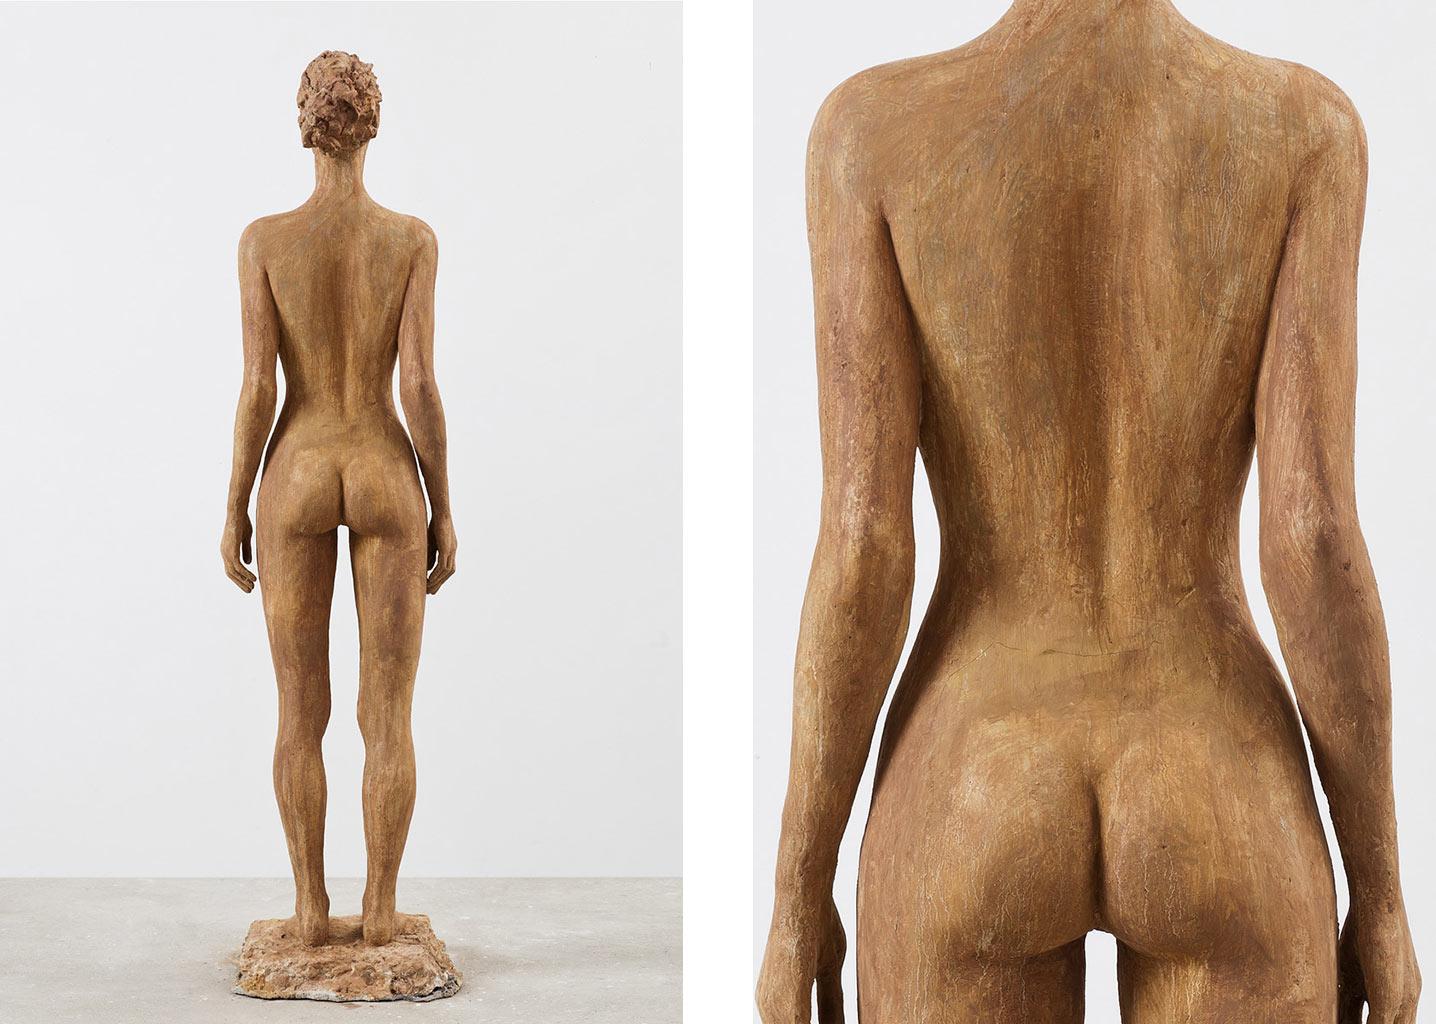 Stehende, Steinguss getönt, 170x36x26 cm, 2012